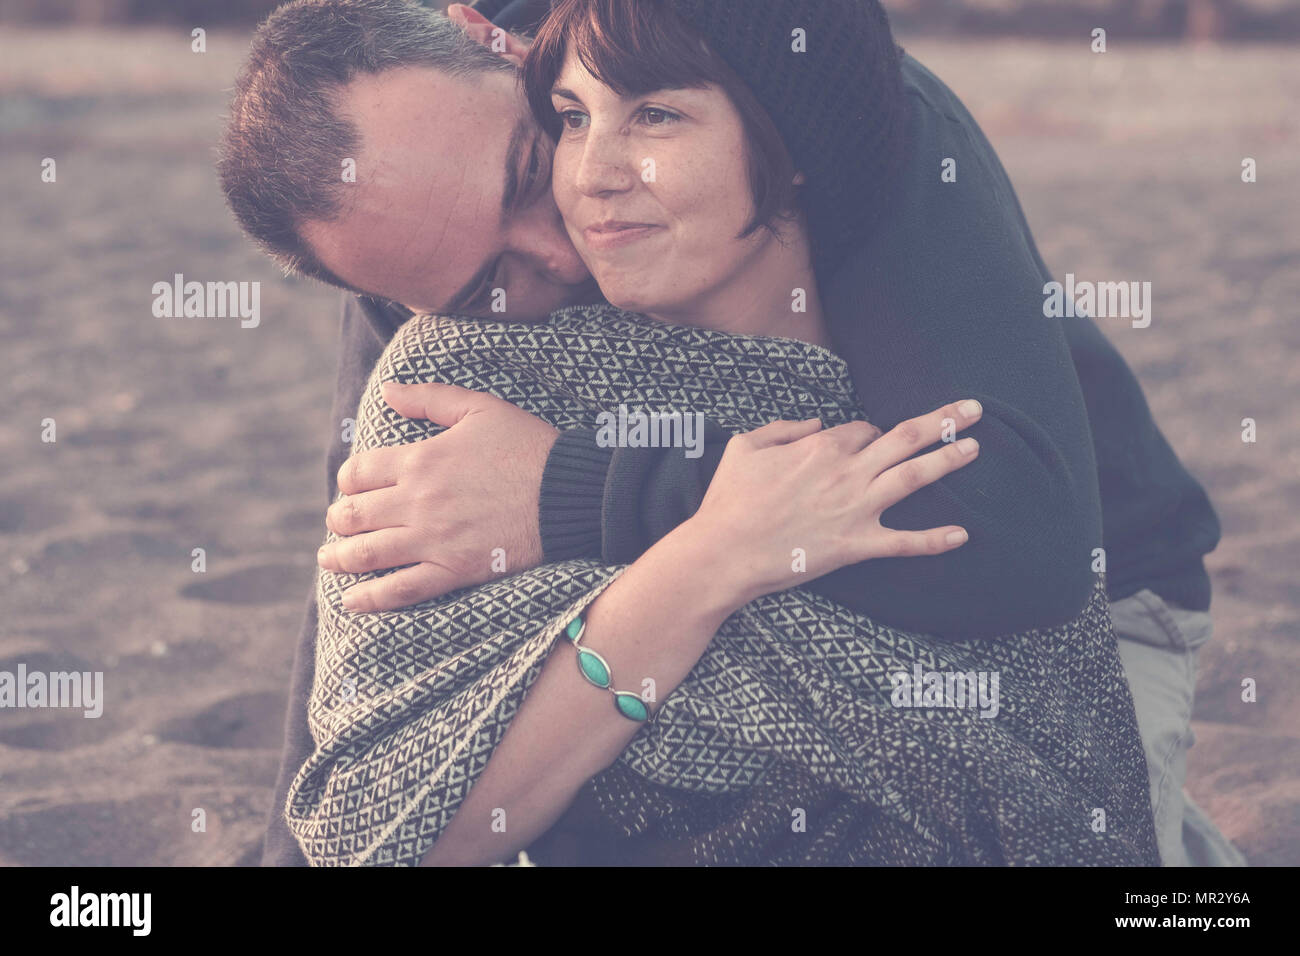 Lindo al hombre y a la mujer de mediana edad a divertirse en el amor a la playa exterior. actividades de ocio y gran abrazo de amor concepto y romántica escena el hombre embra Imagen De Stock